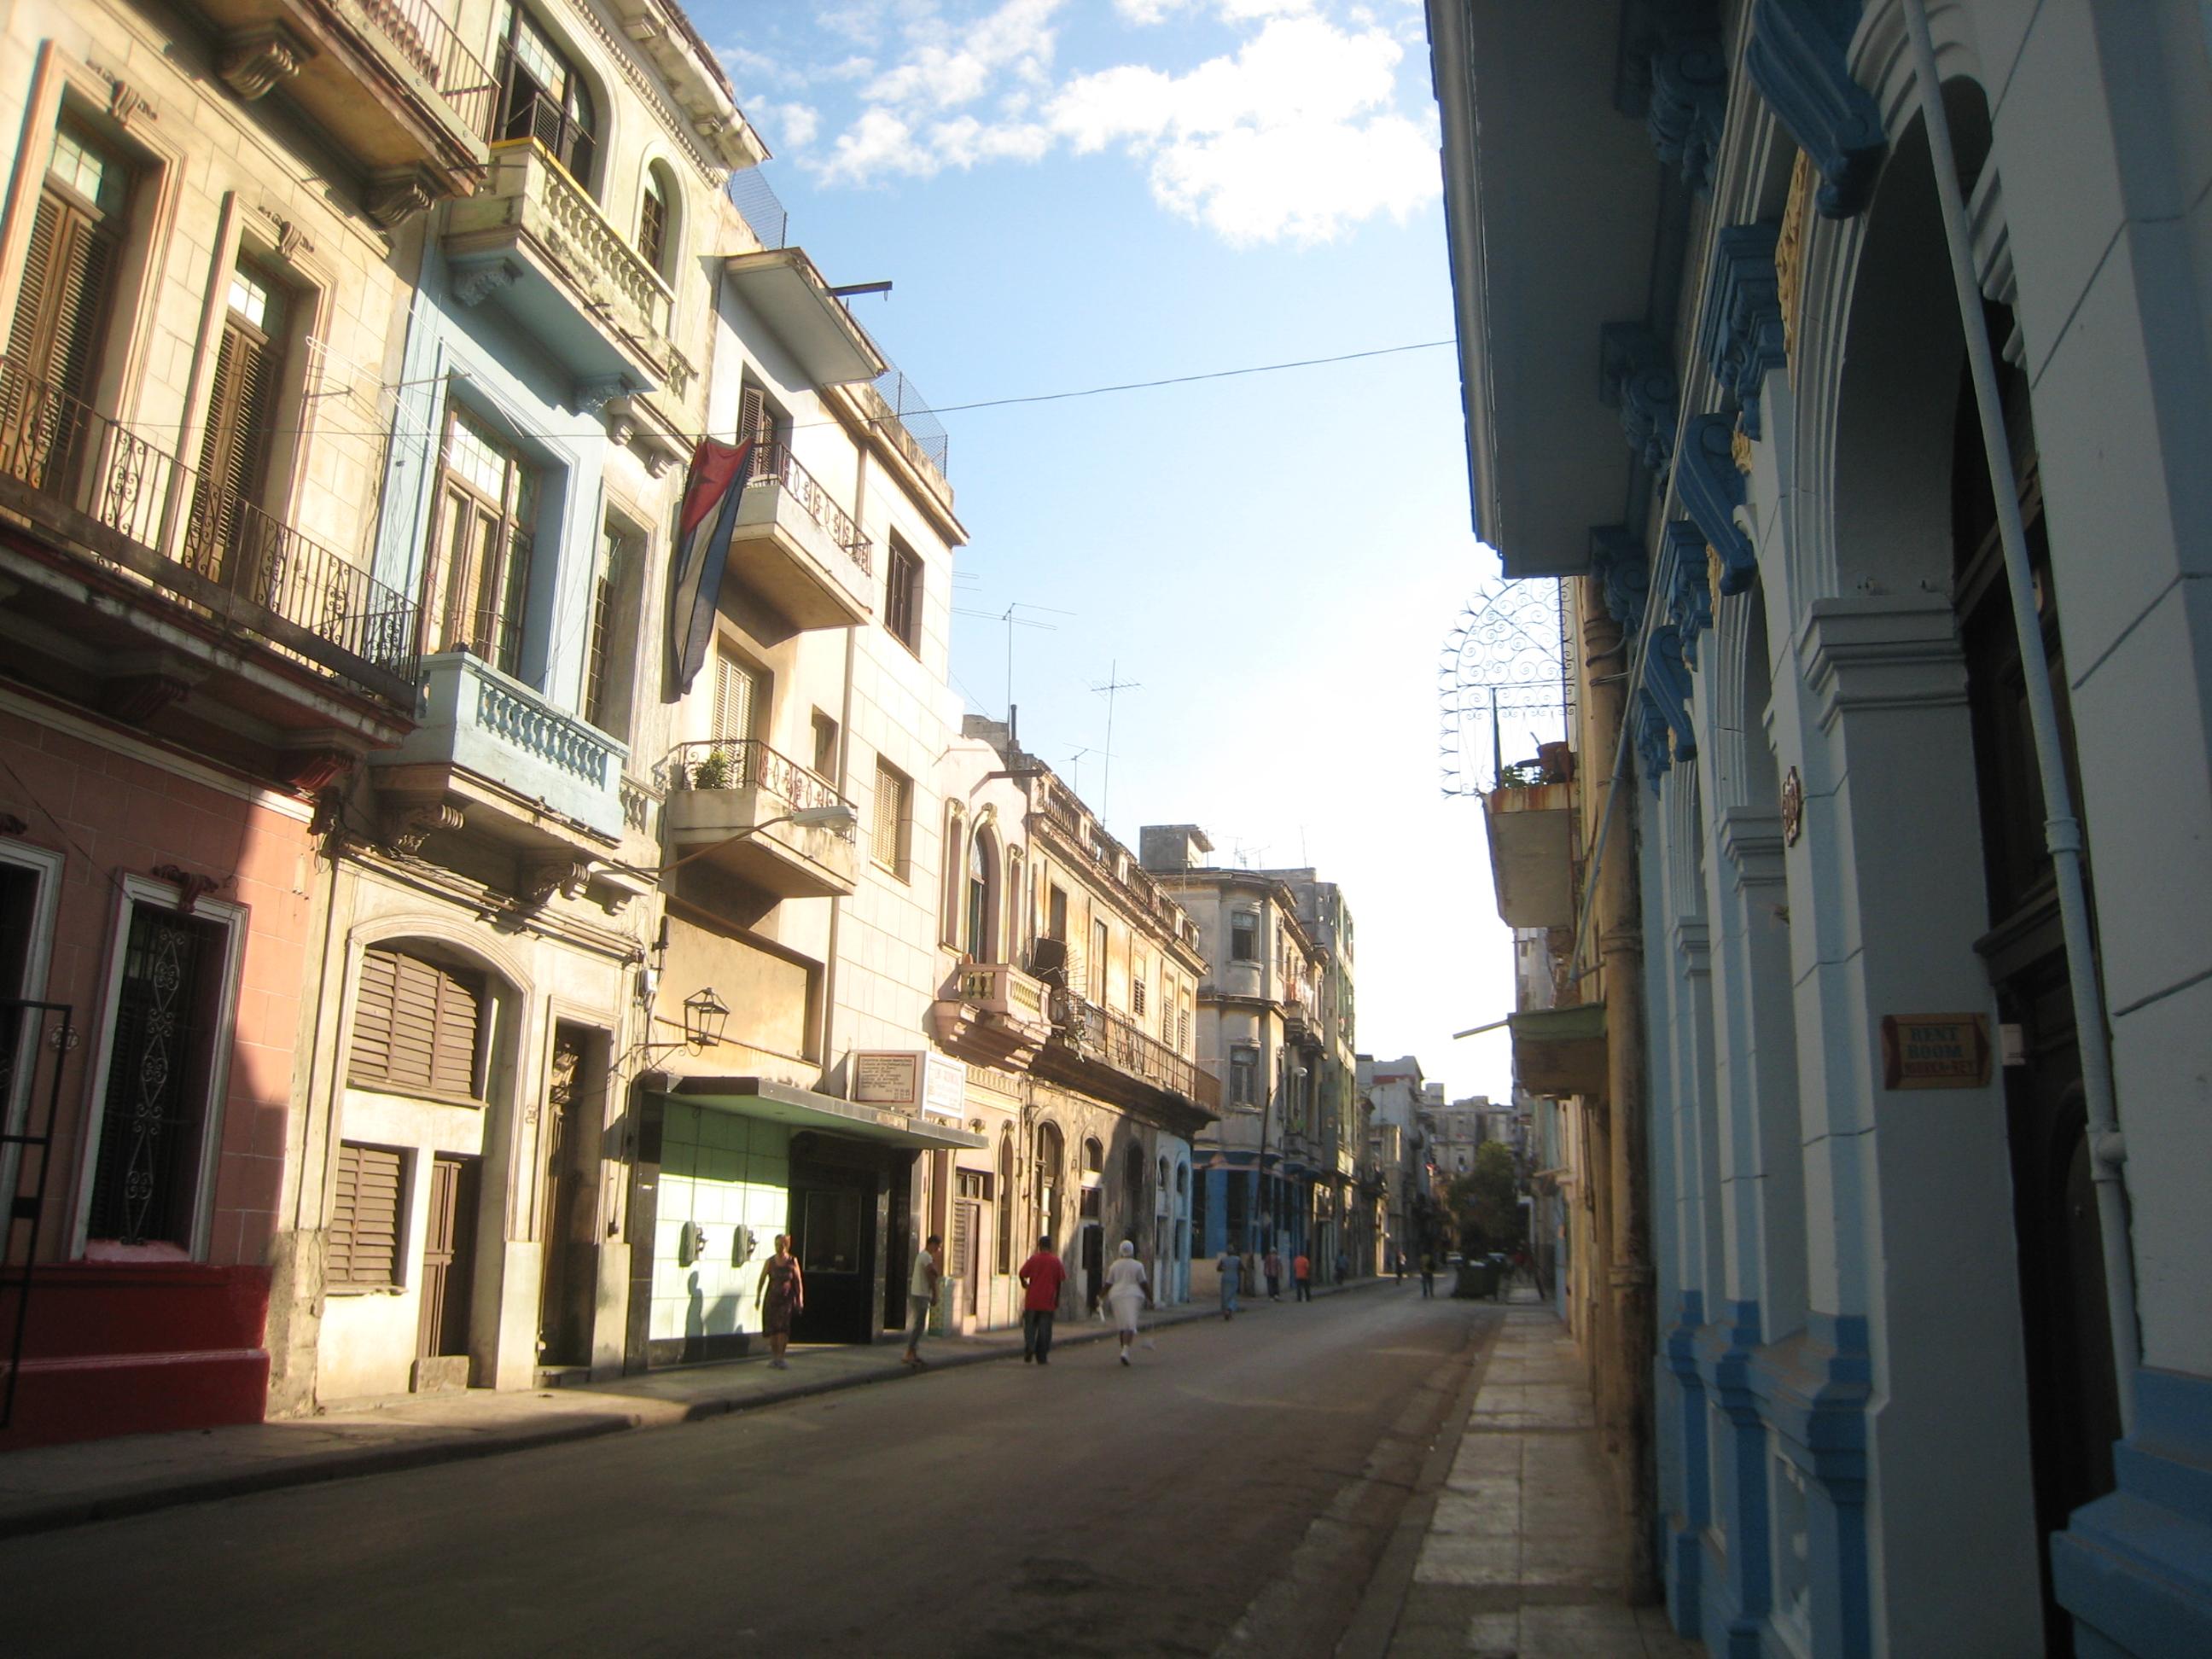 Varadero alley photo